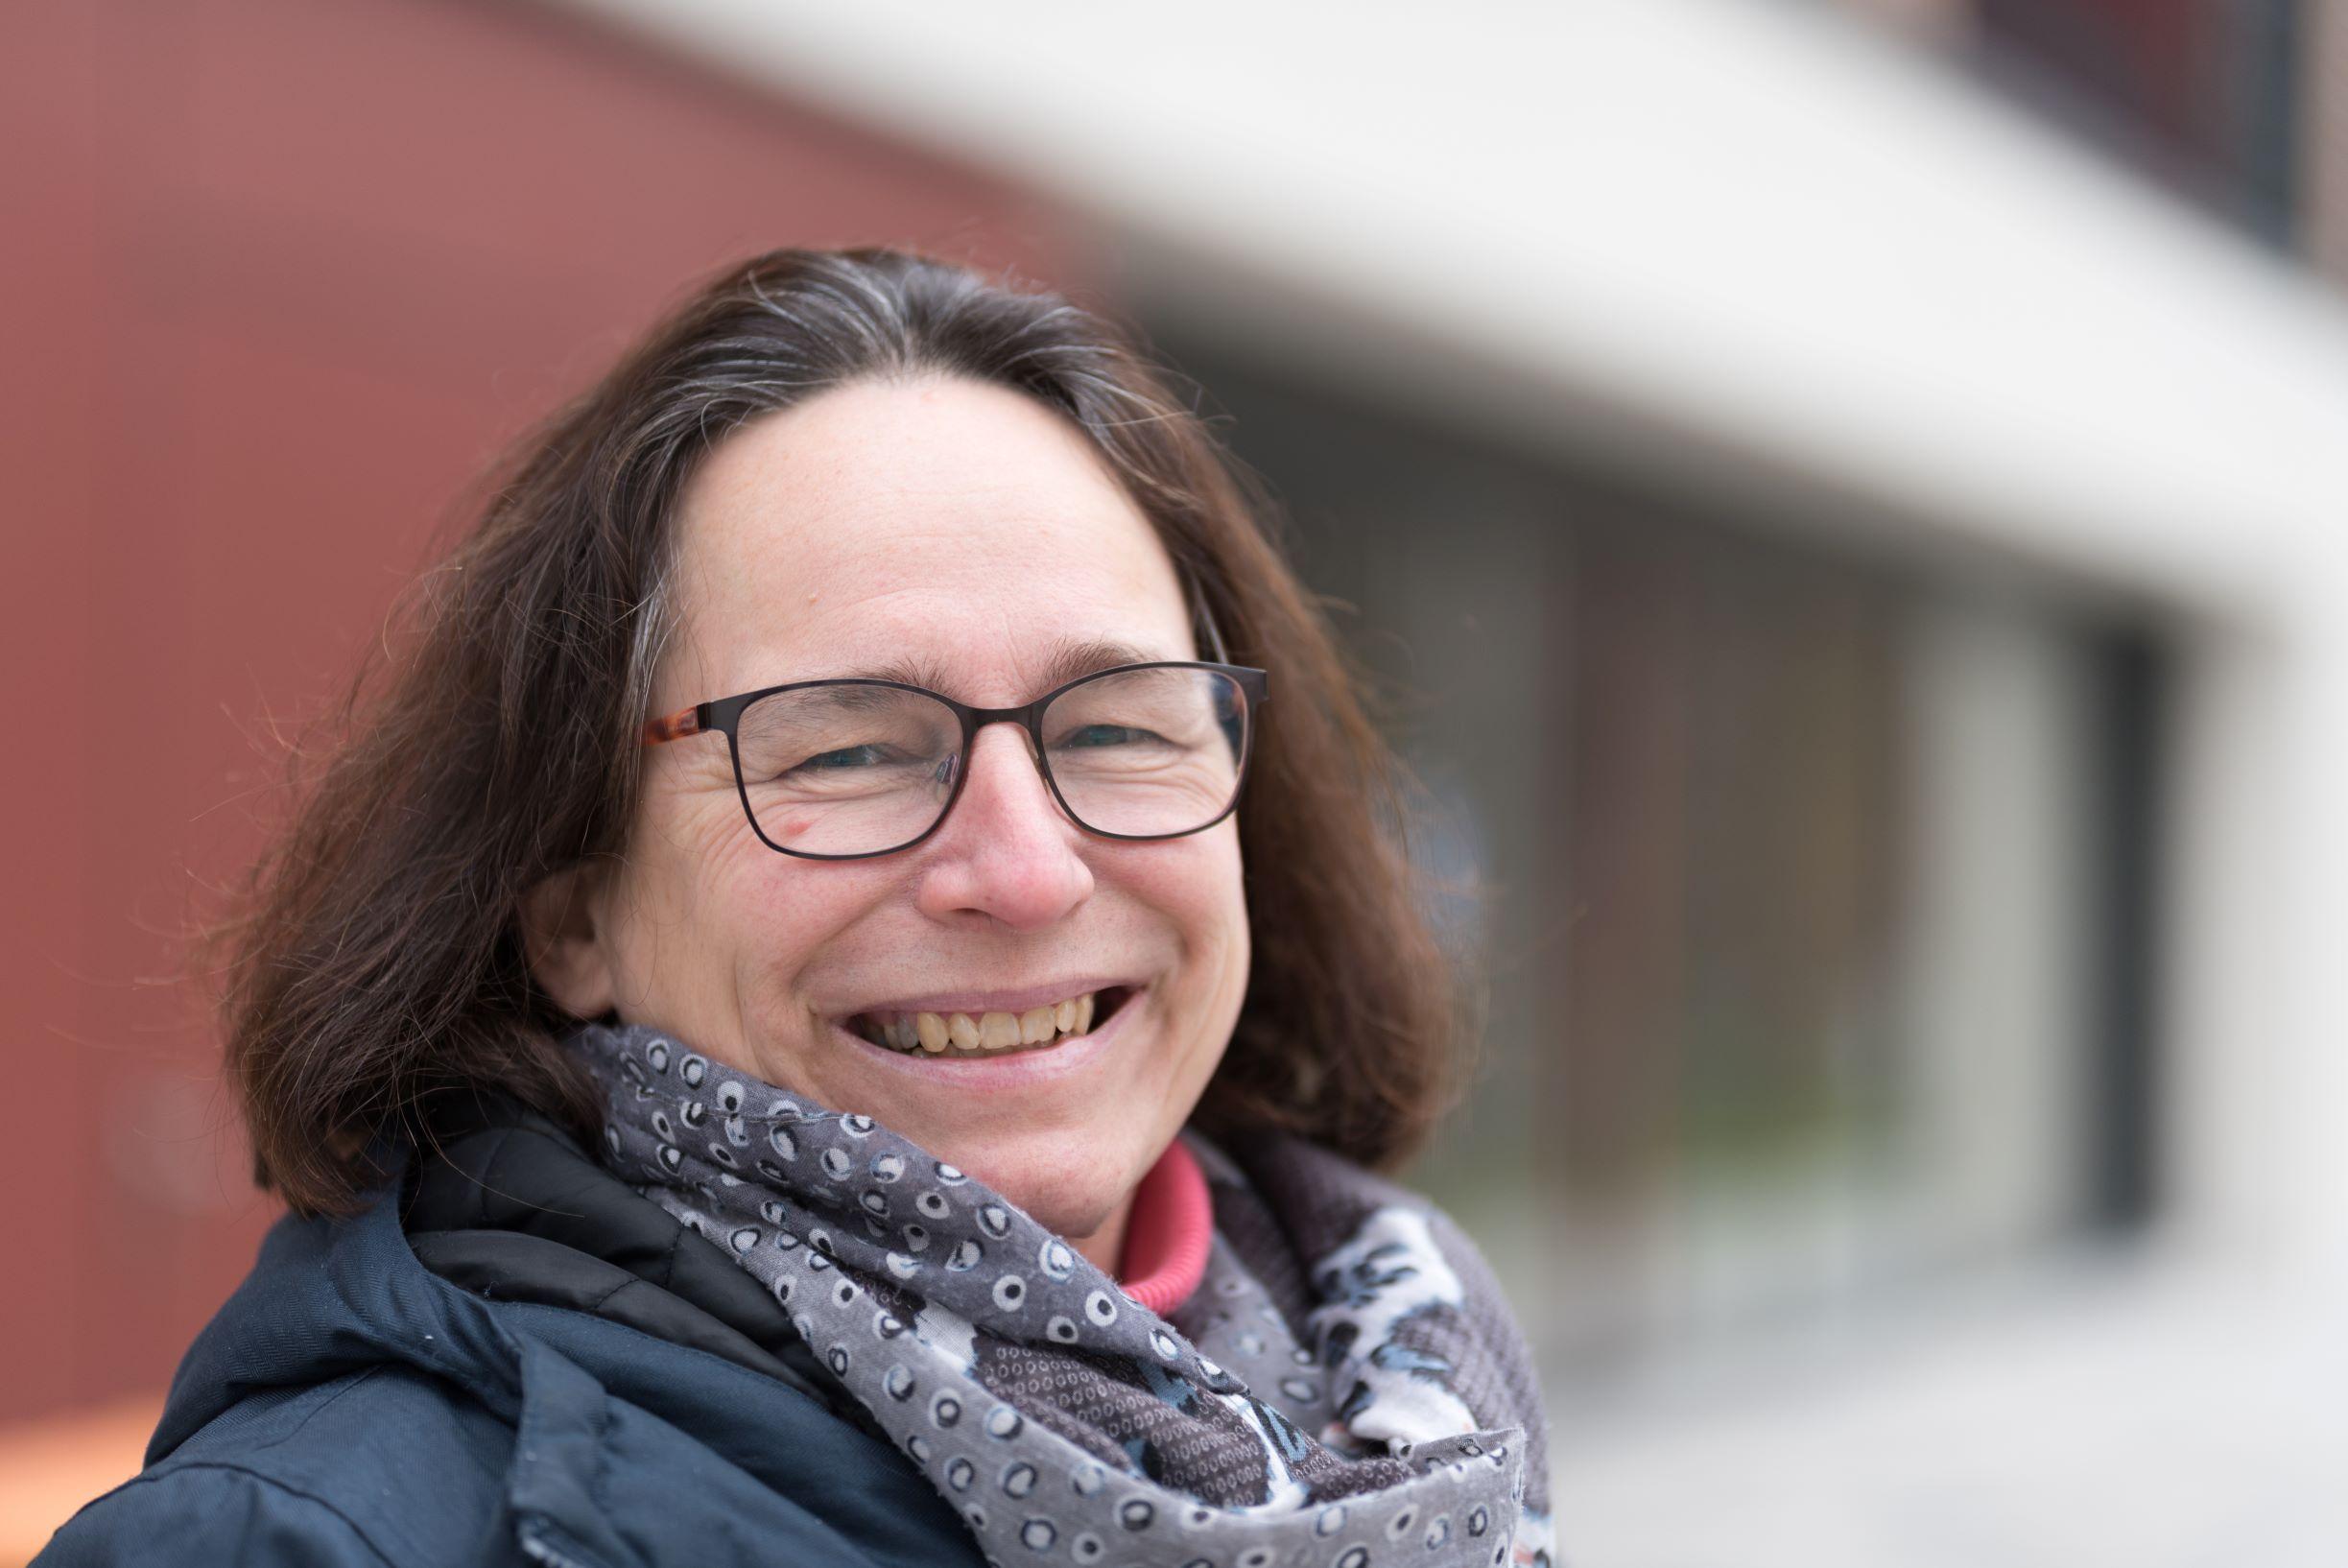 Profilbild Bettina Siebert-Blaesing